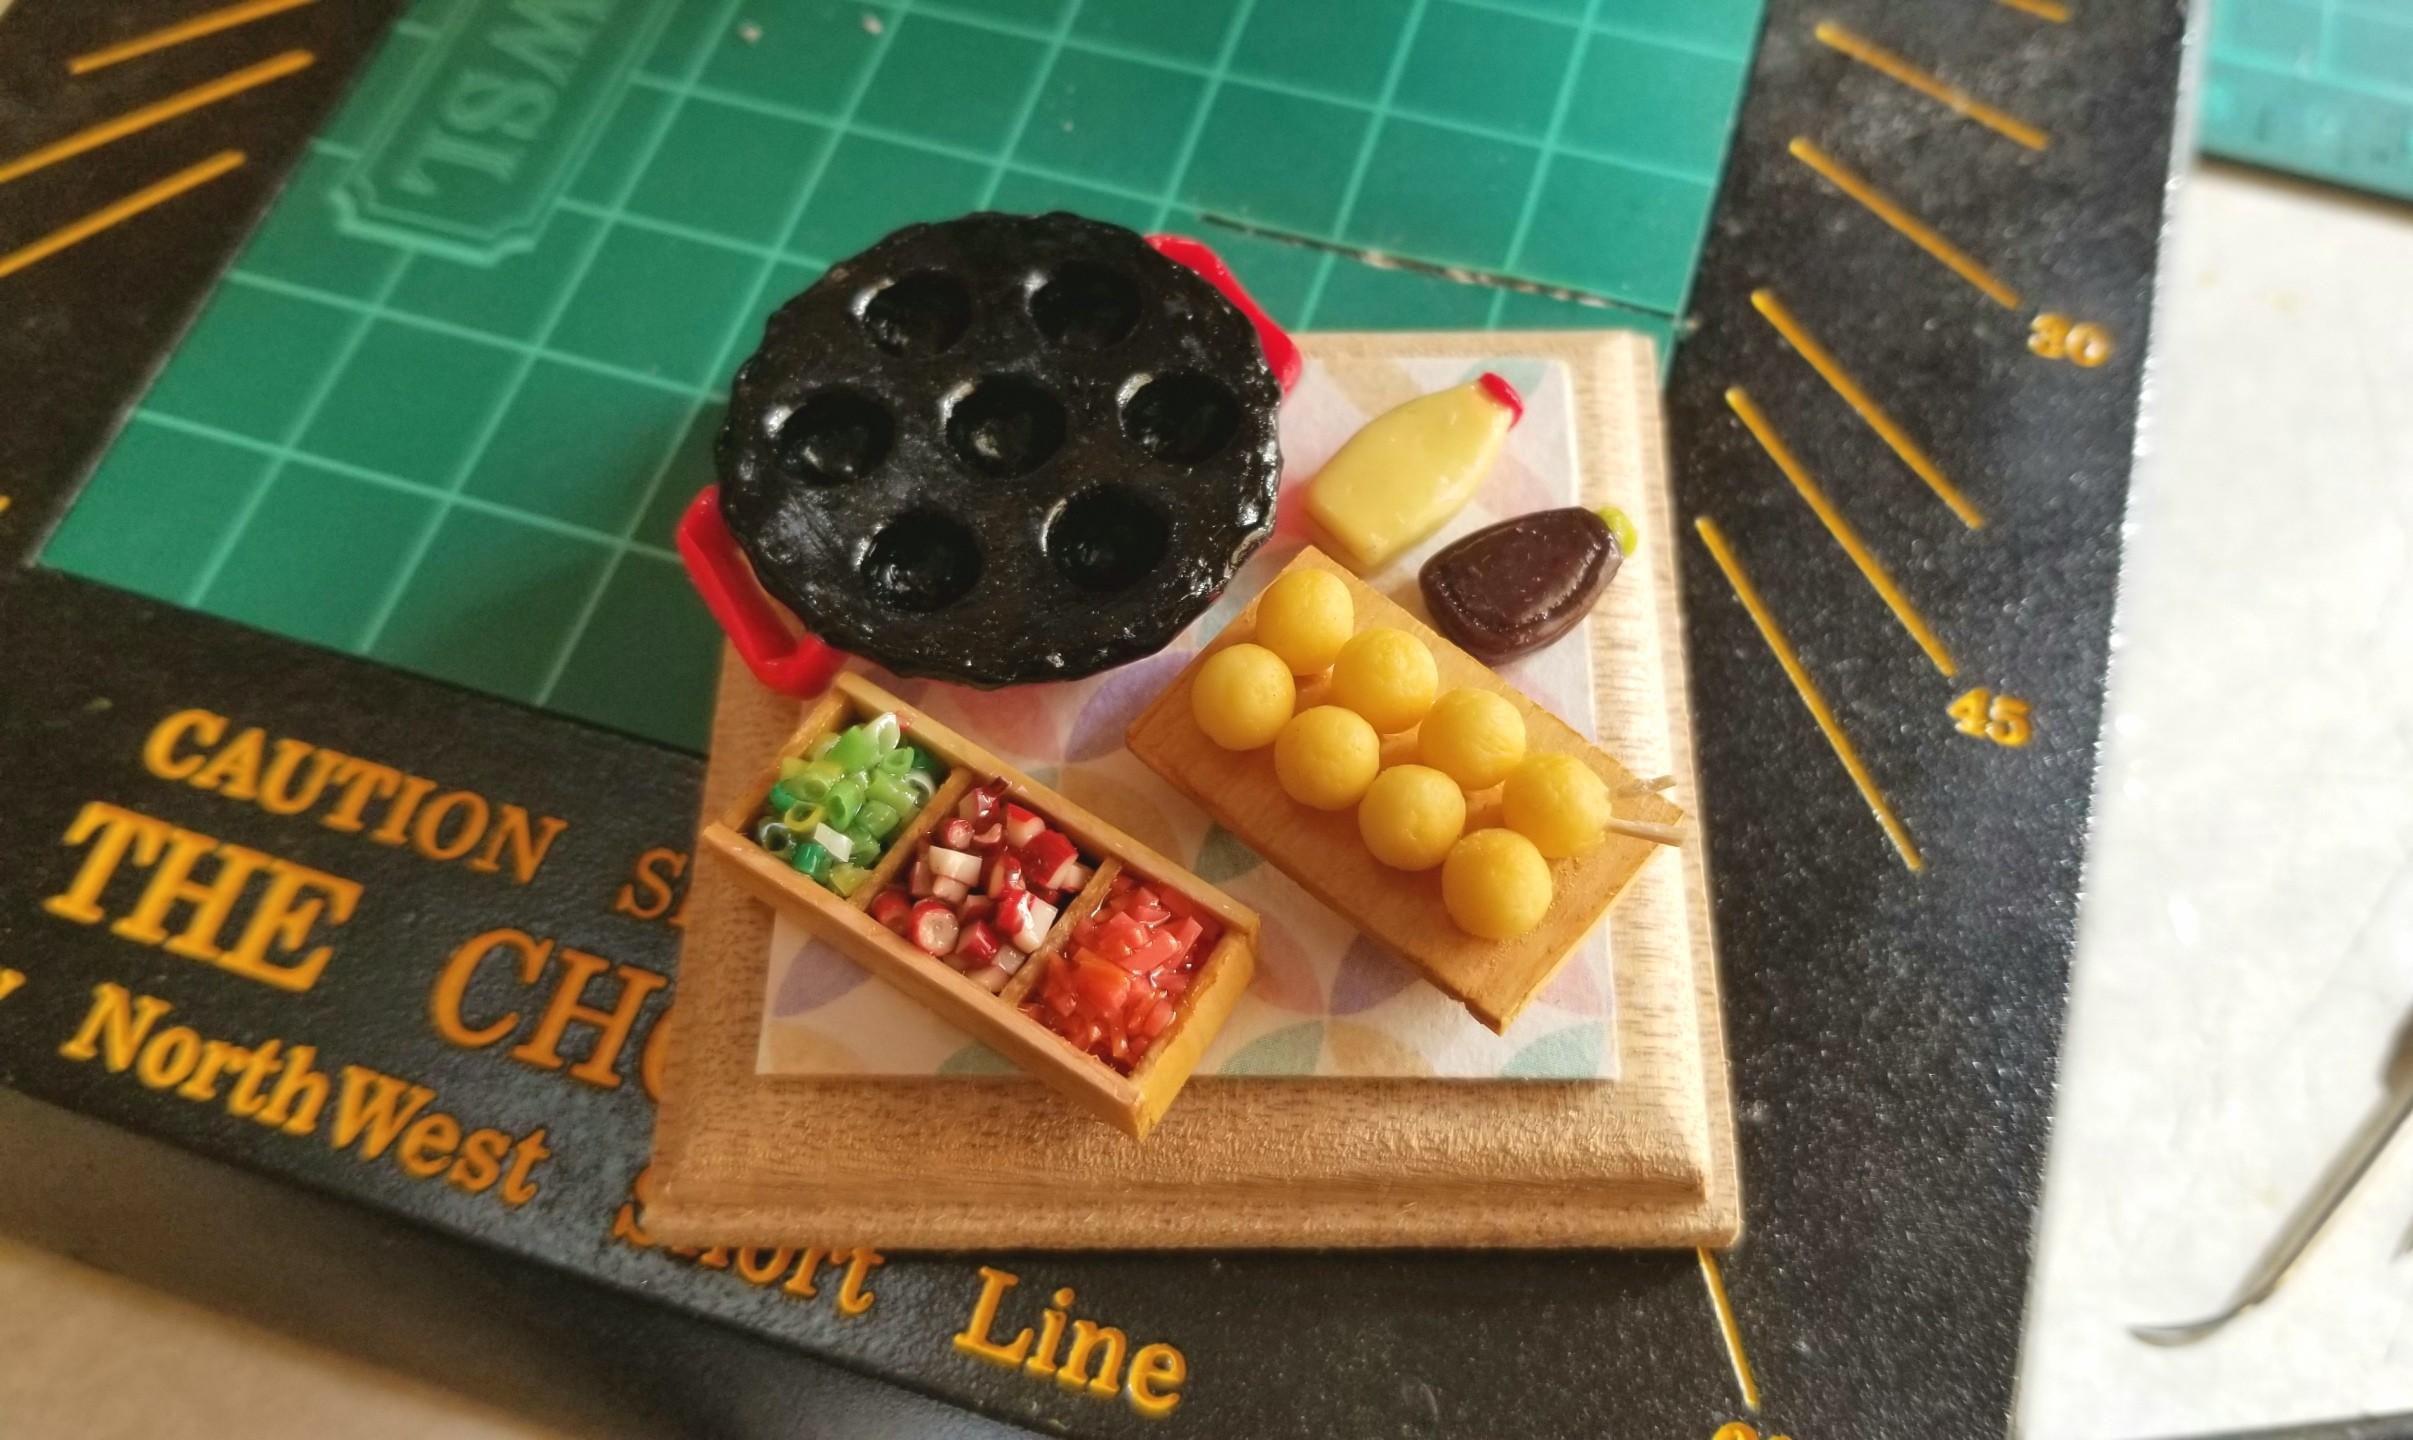 たこ焼き器,作り方,ミニチュア,樹脂粘土,フェイクフード,調味料